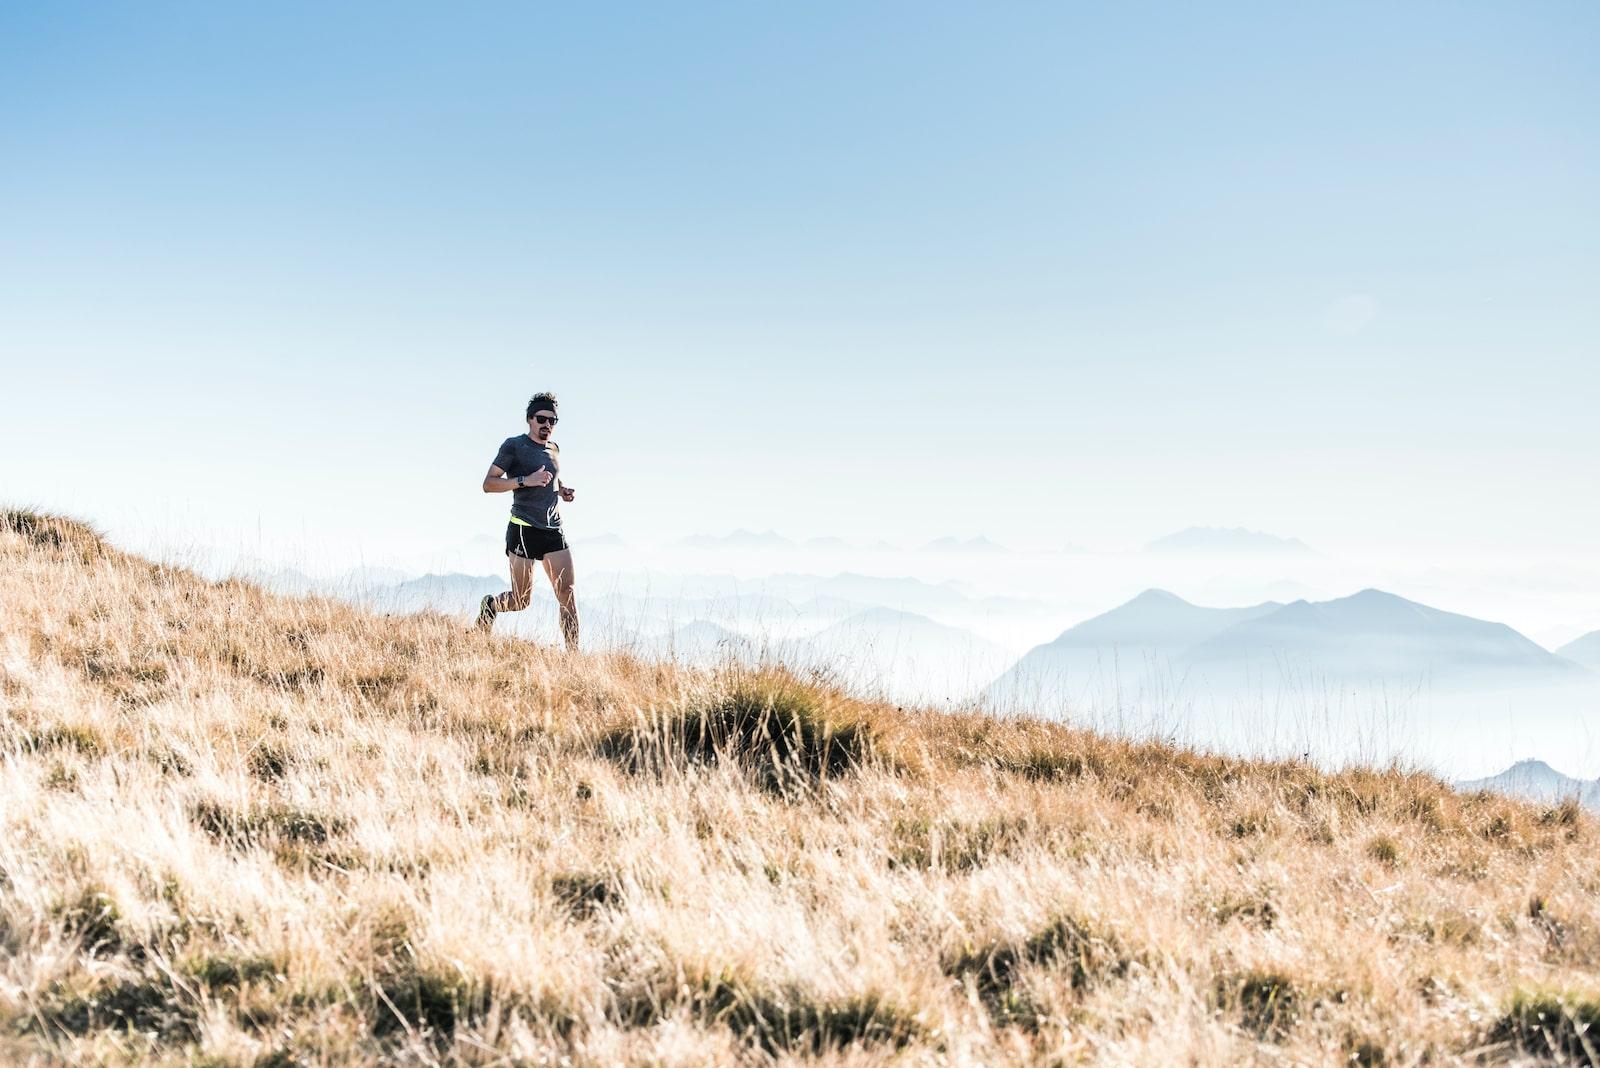 ATHLETE Trail running